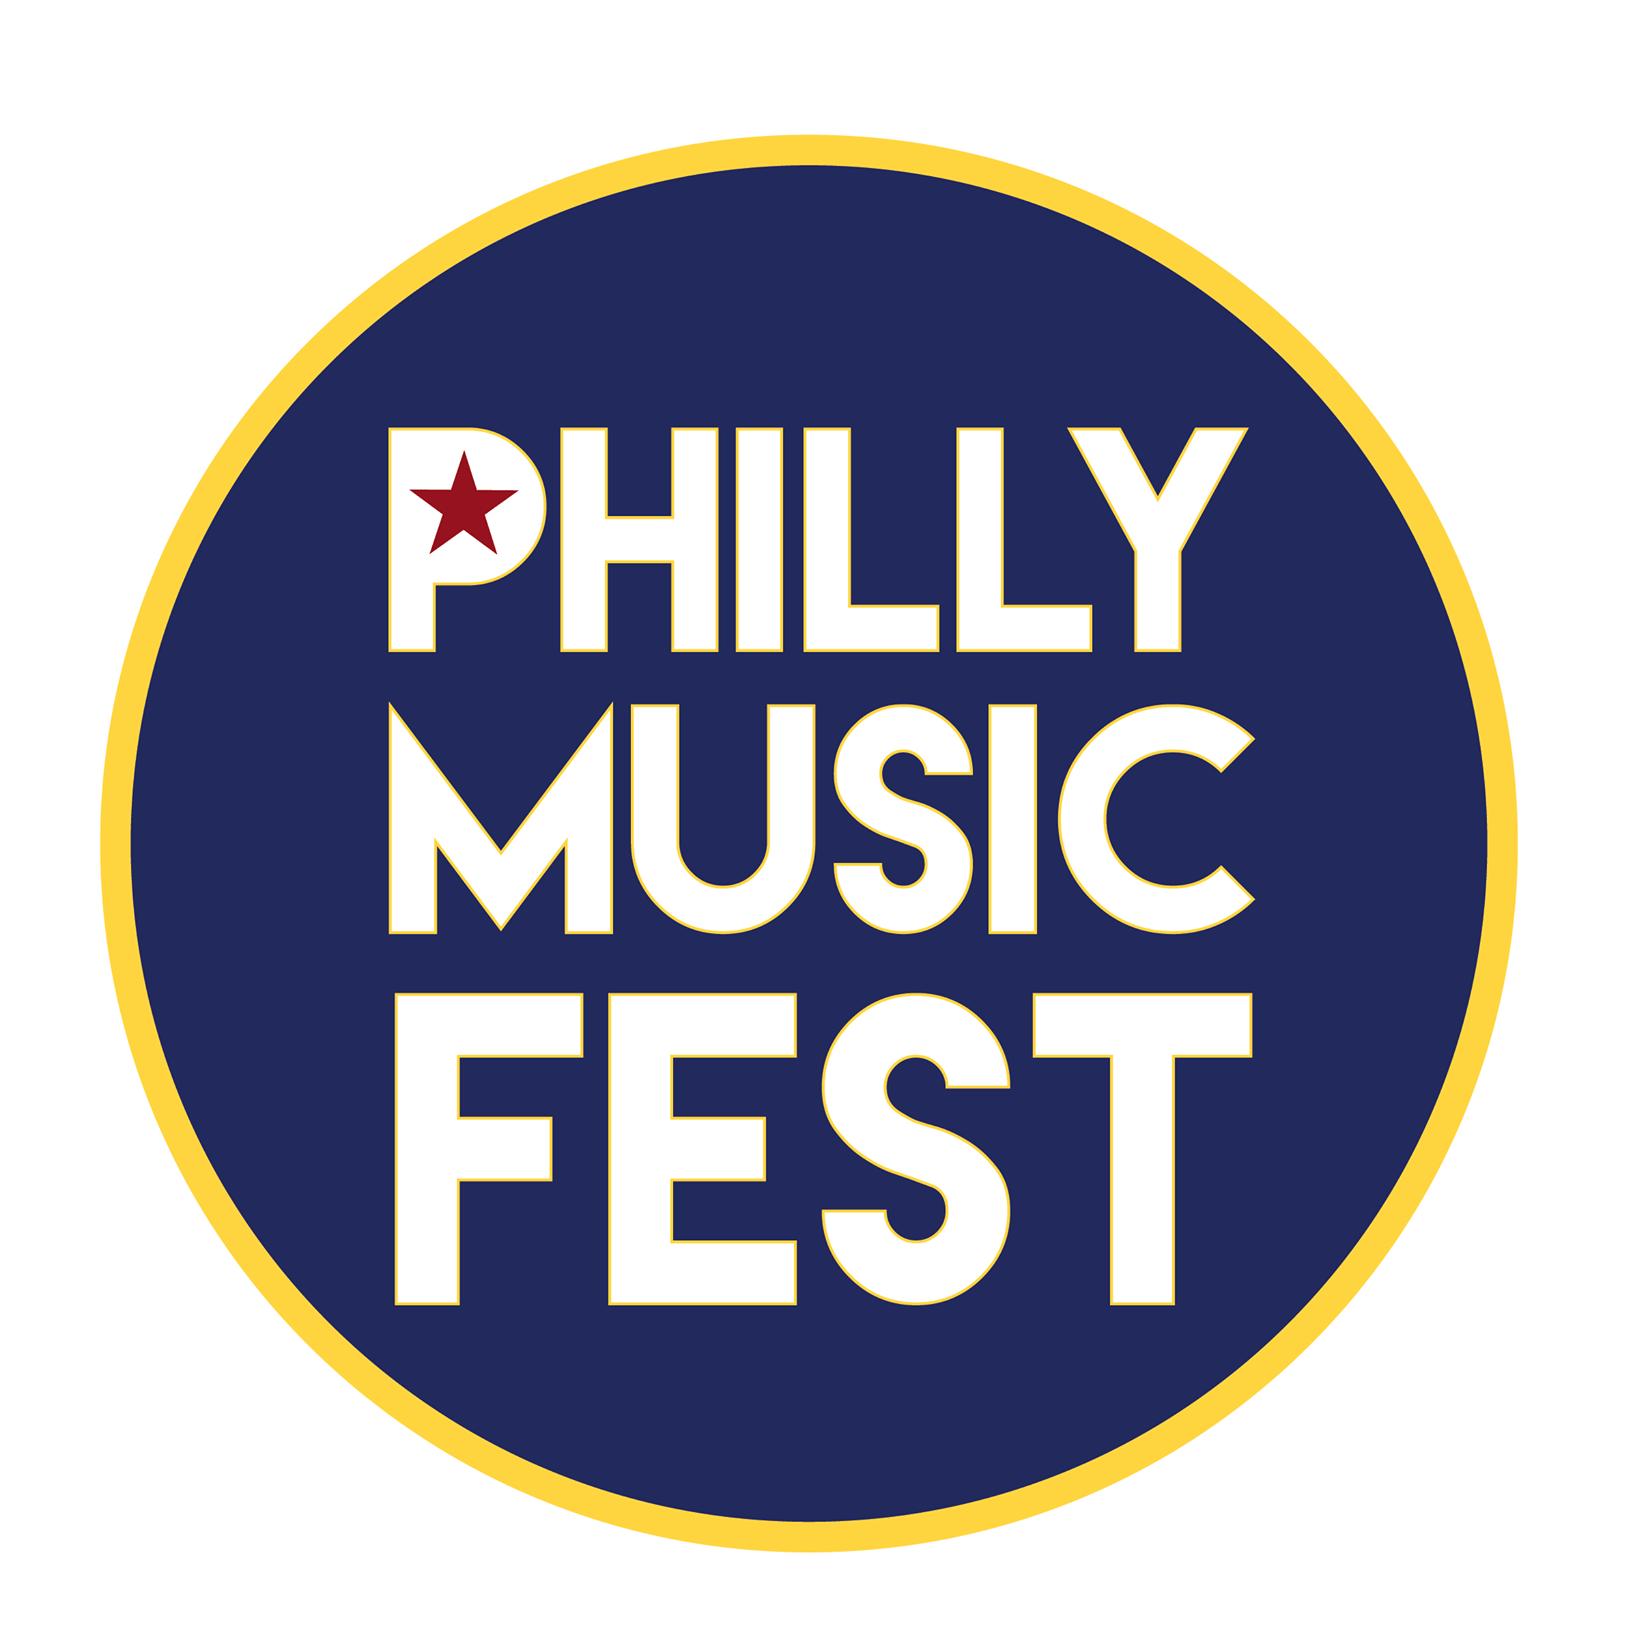 Philadelphia Music Fest 2019